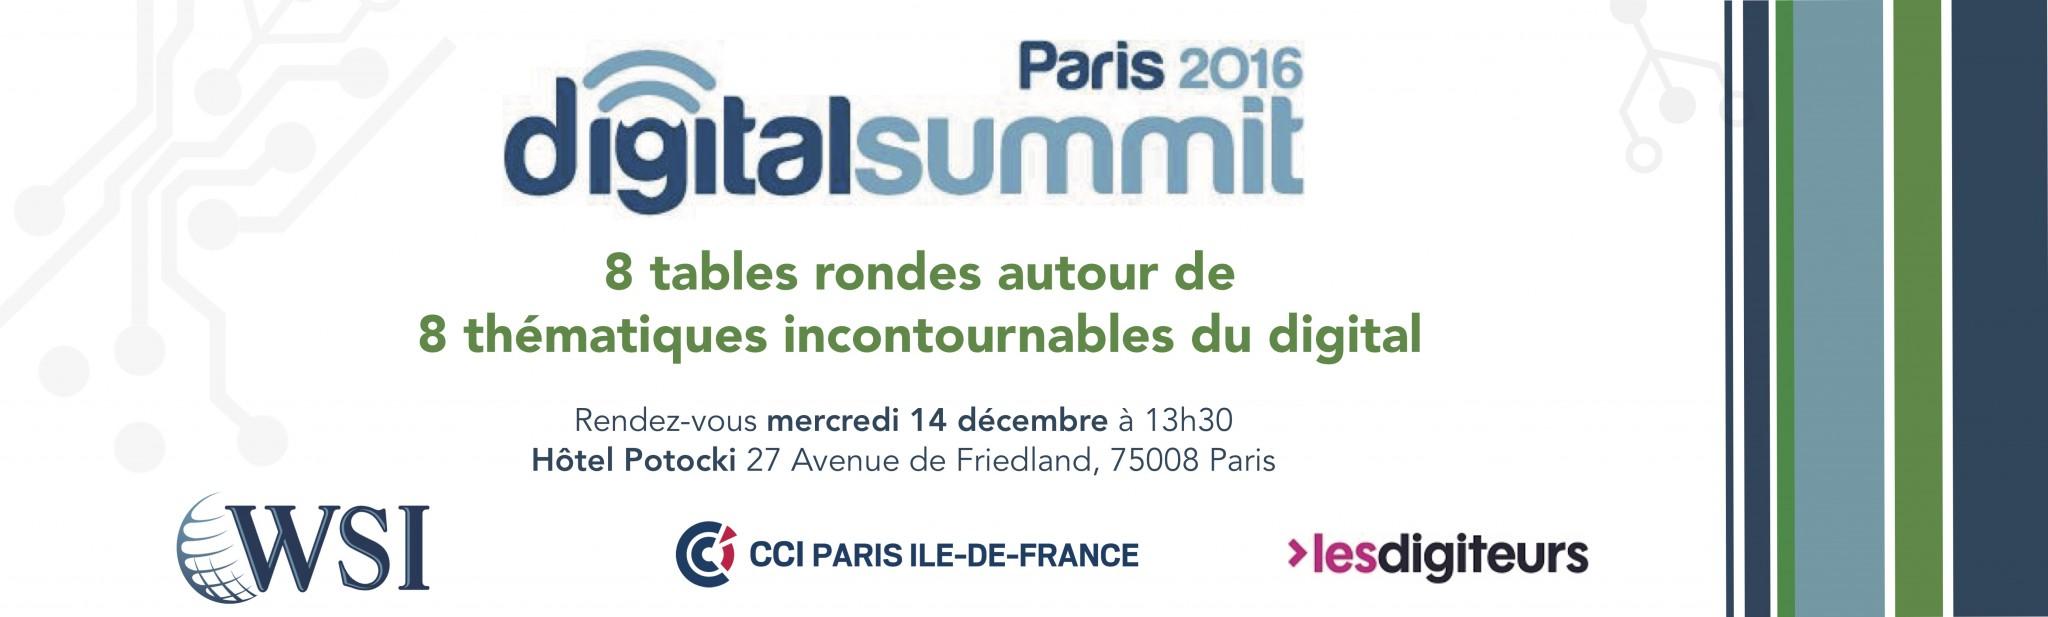 banniere-site-digital-summit2016